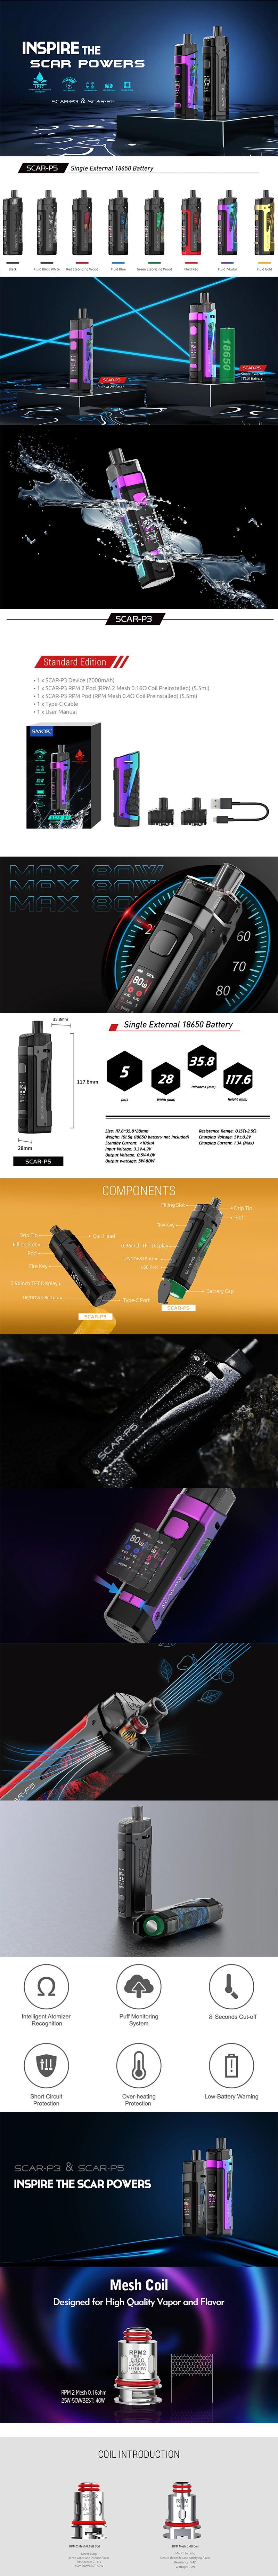 SMOK SCAR-P5 80W